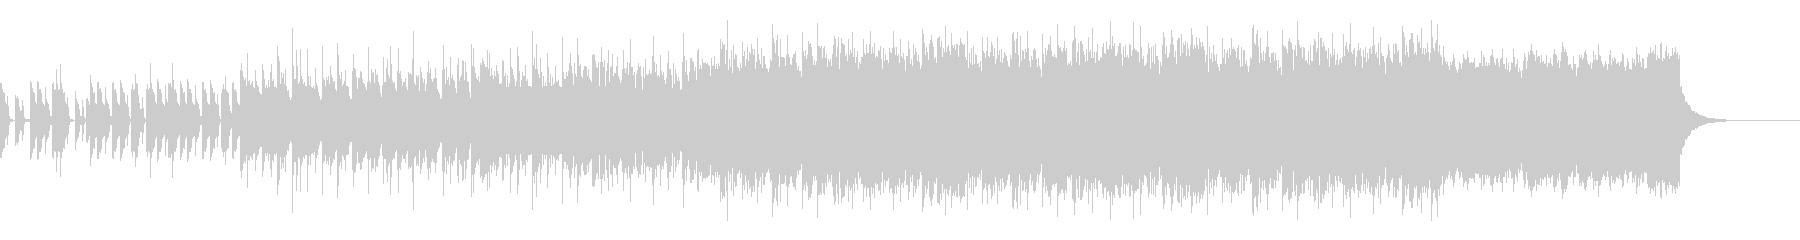 ノイジーなベースが目立つBGMの未再生の波形